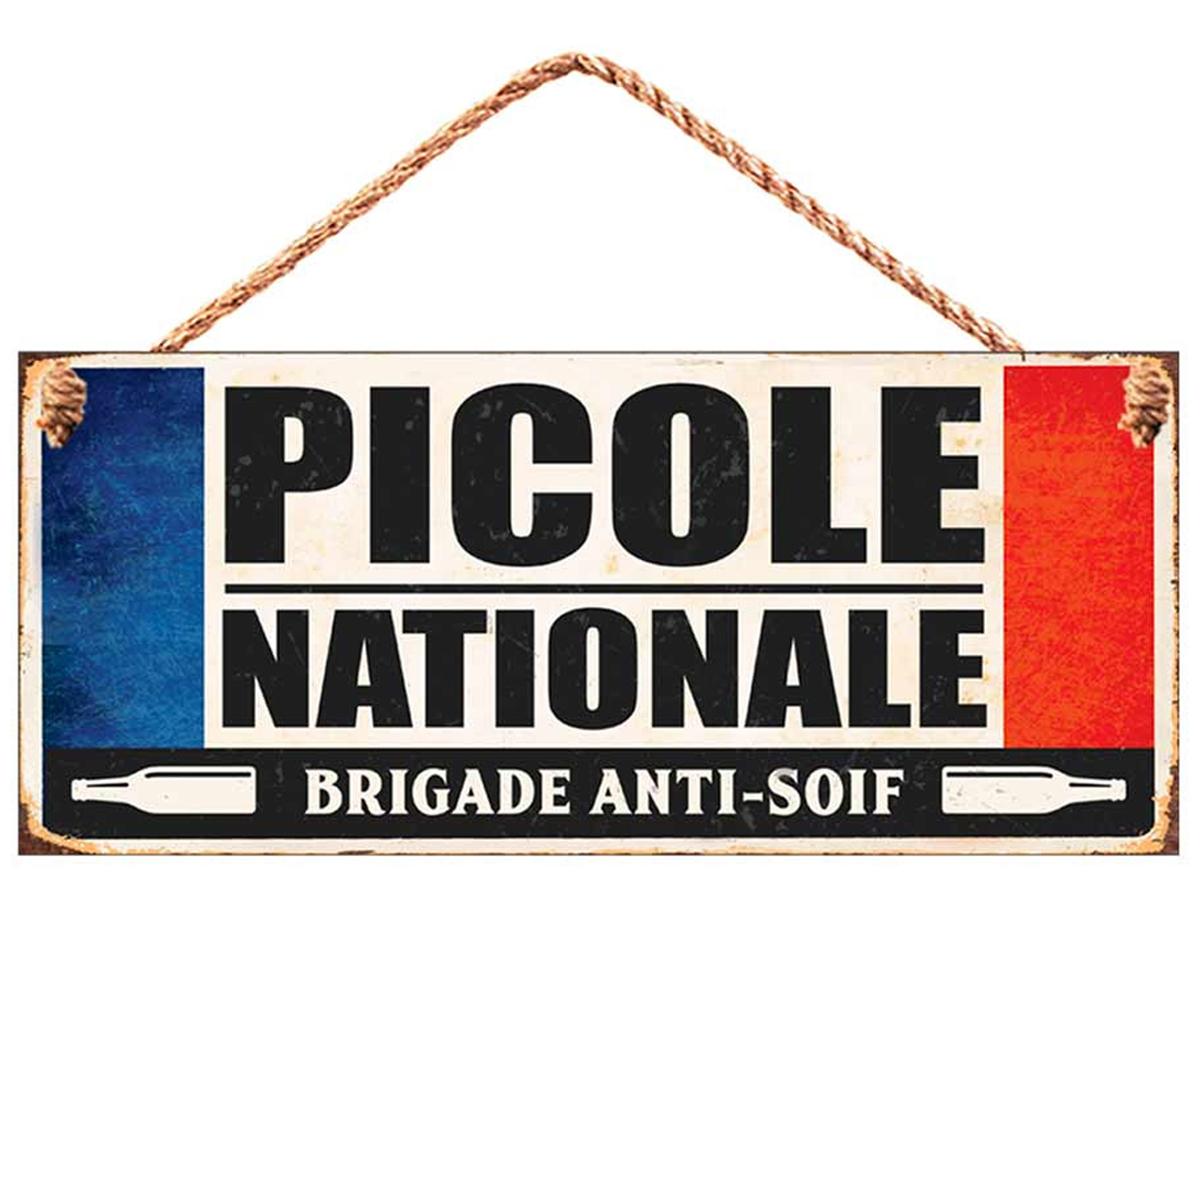 Plaque métal \'Messages\' bleu blanc rouge (Picole Nationale - brigade anti-soif ) - 30x13 cm - [R0861]